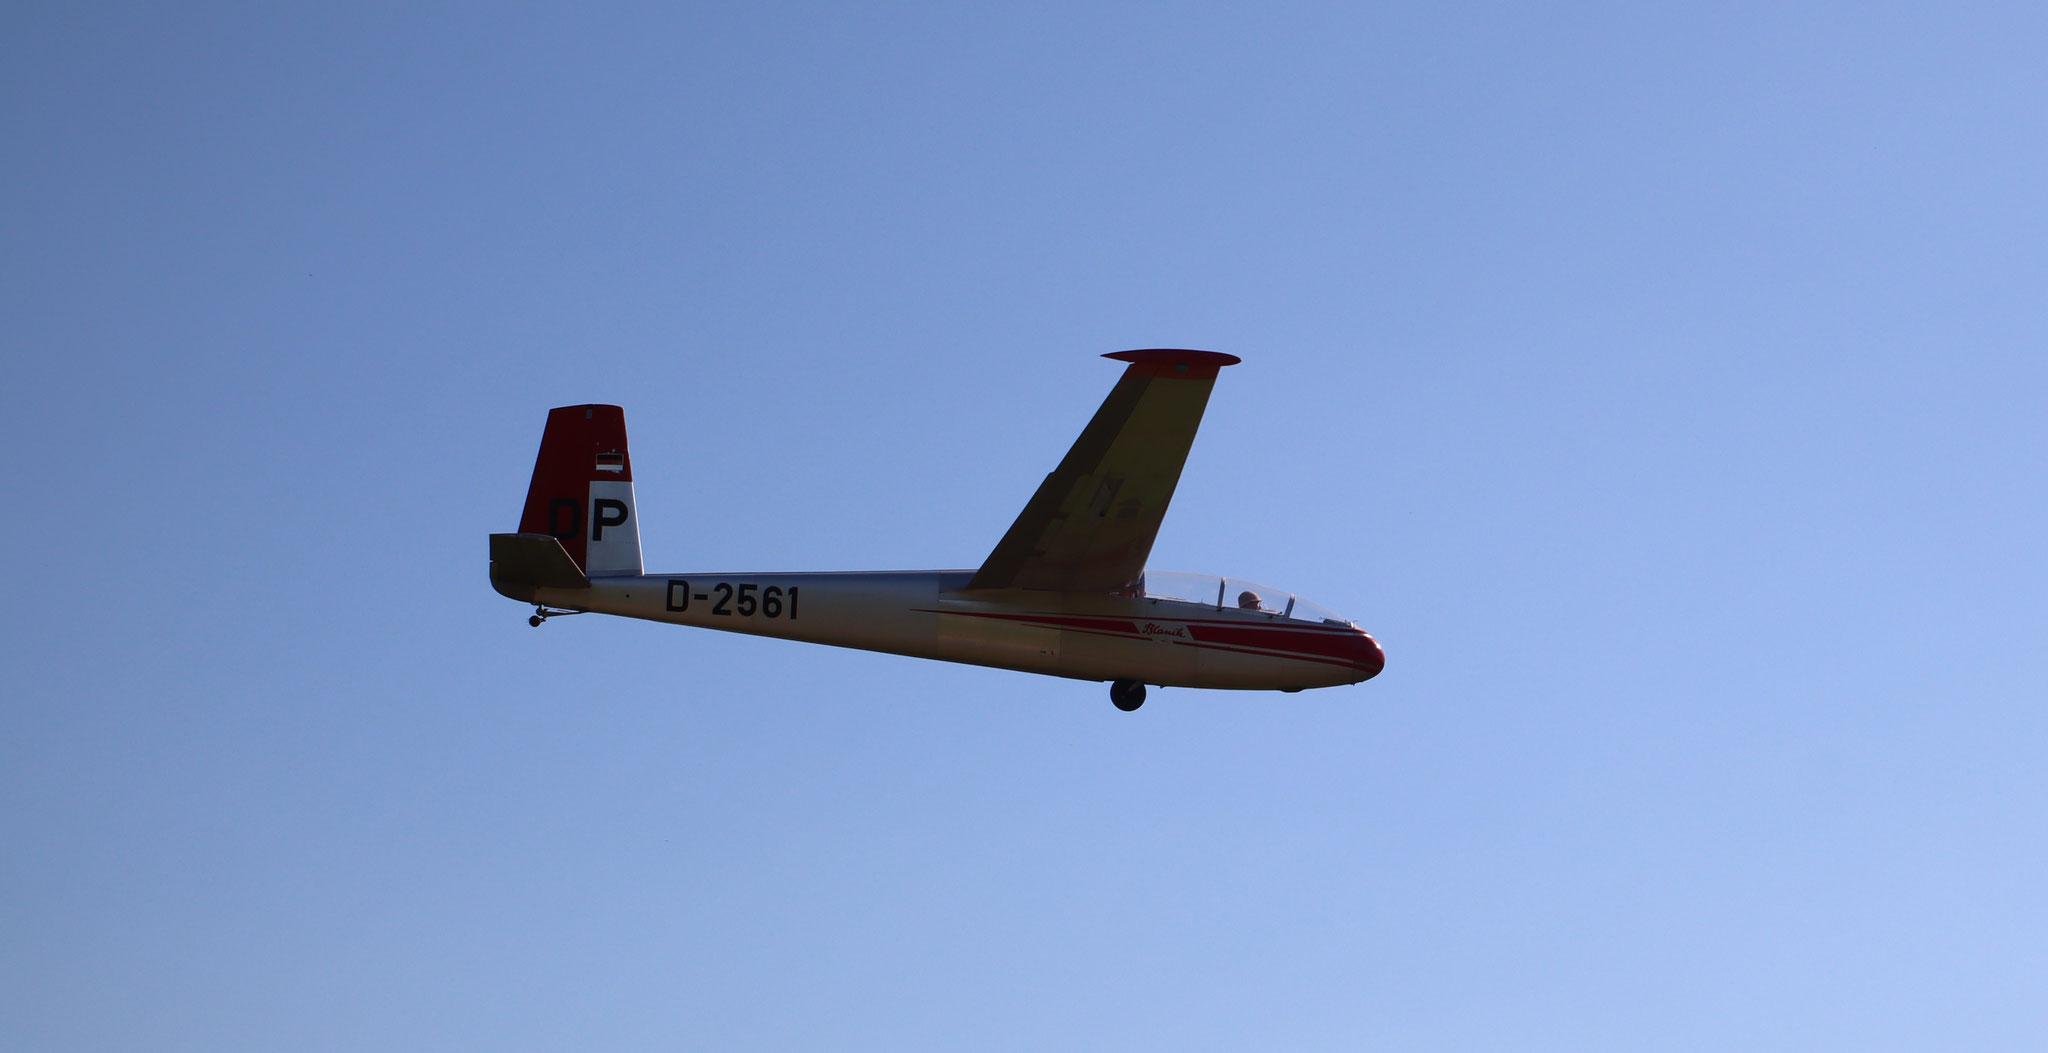 D-2561 Im Flug